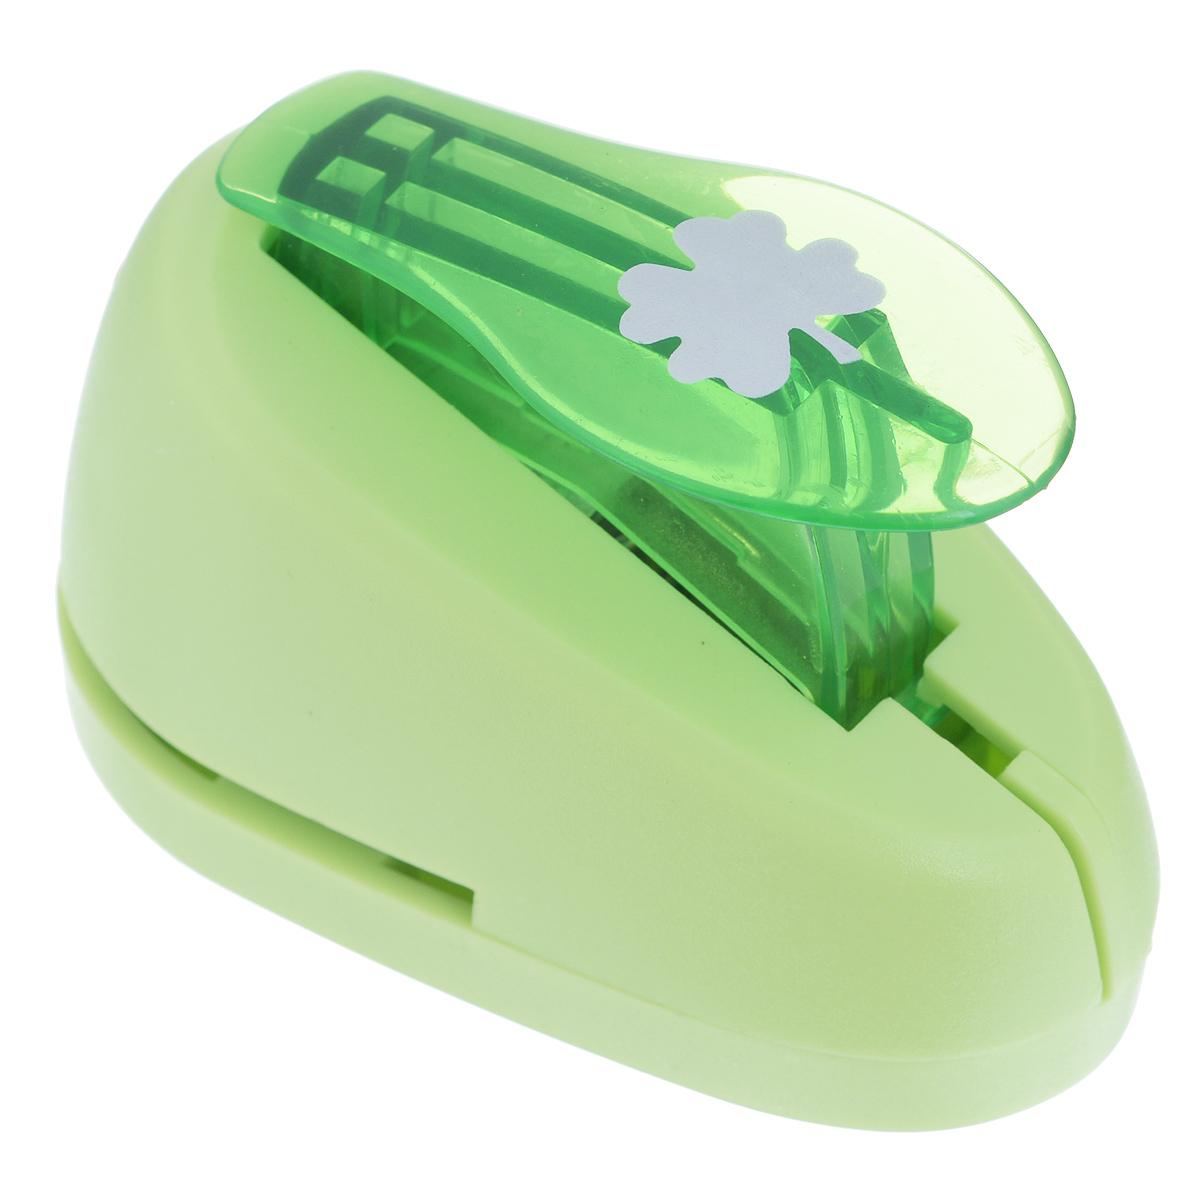 Дырокол фигурный Астра Клевер. CD-99S7709603_61Дырокол Астра Клевер поможет вам легко, просто и аккуратно вырезать много одинаковых мелких фигурок. Режущие части компостера закрыты пластмассовым корпусом, что обеспечивает безопасность для детей. Вырезанные фигурки накапливаются в специальном резервуаре. Можно использовать вырезанные мотивы как конфетти или для наклеивания.Дырокол подходит для разных техник: декупажа, скрапбукинга, декорирования.Размер дырокола: 7 см х 4 см х 5 см. Диаметр вырезанной фигурки: 1,5 см.